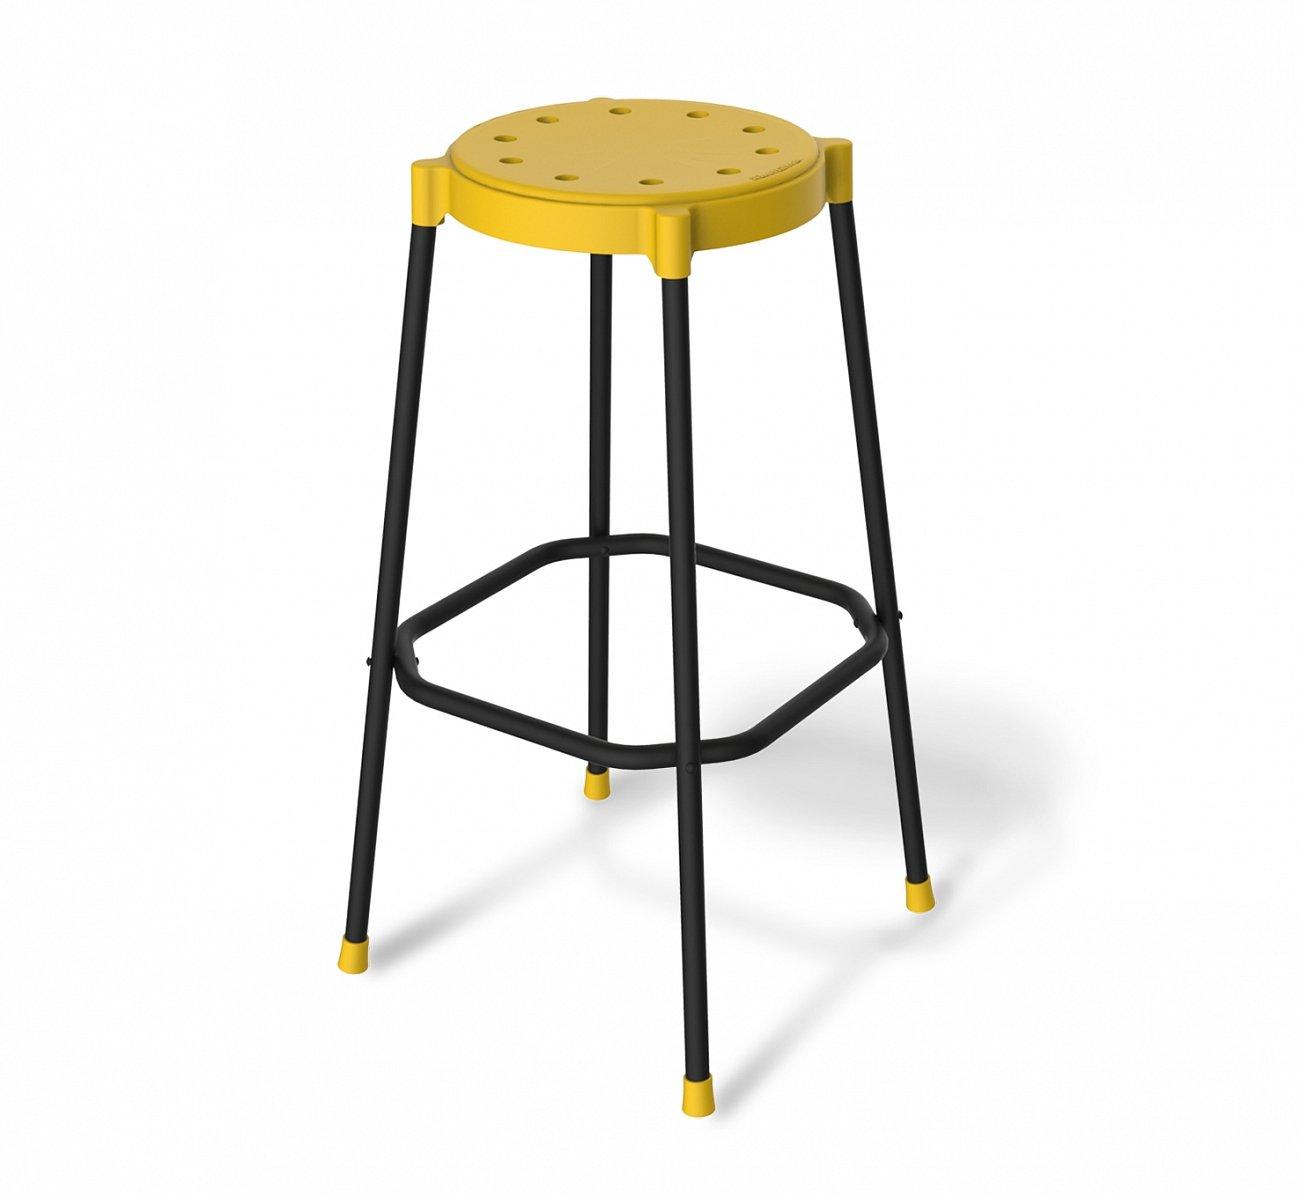 Купить Стул барный DSR Жёлтый в интернет магазине дизайнерской мебели и аксессуаров для дома и дачи